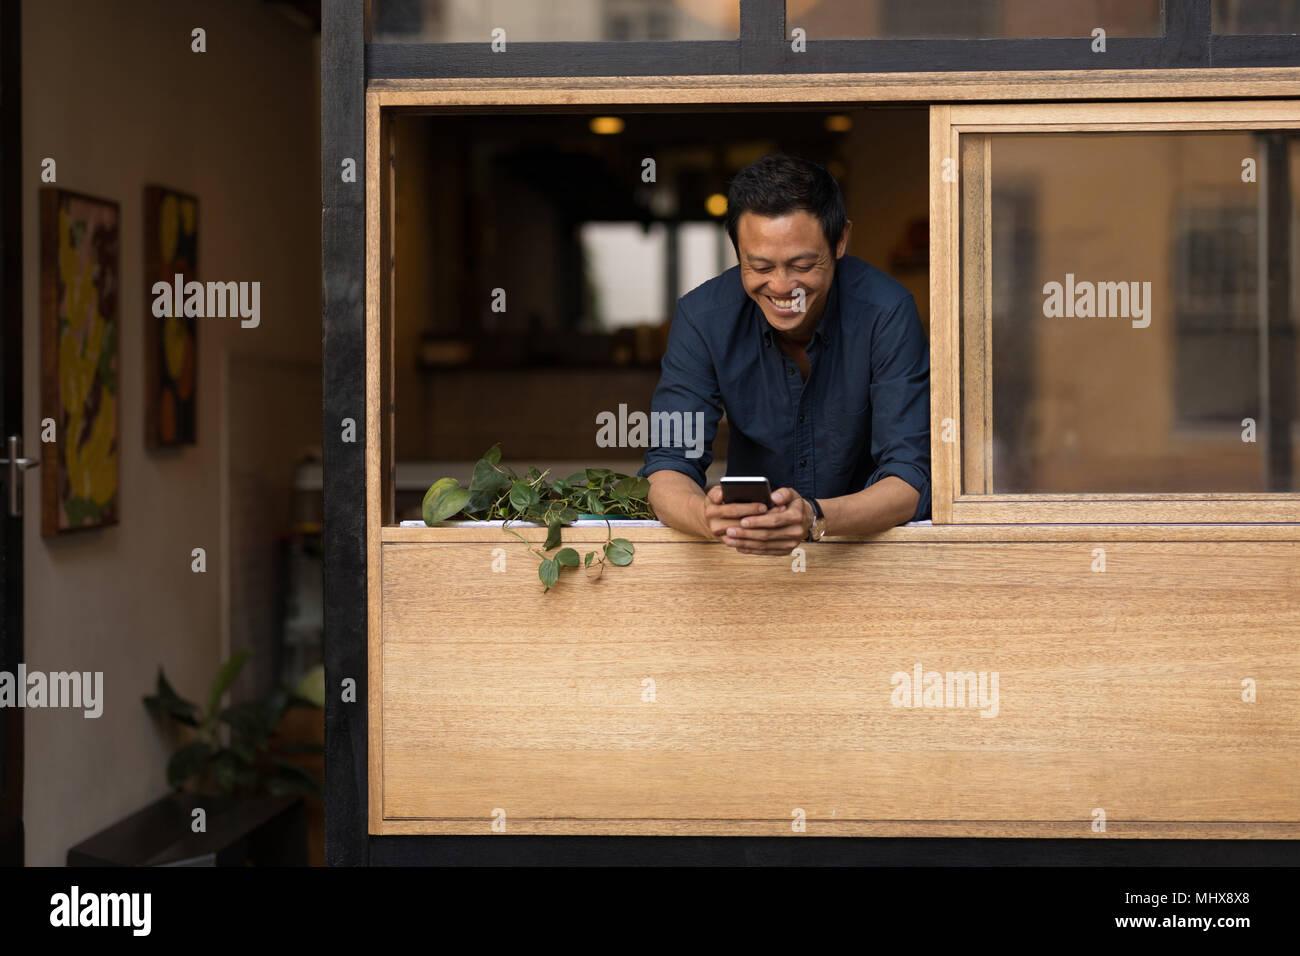 Imprenditore utilizzando il telefono cellulare nel cafe Immagini Stock